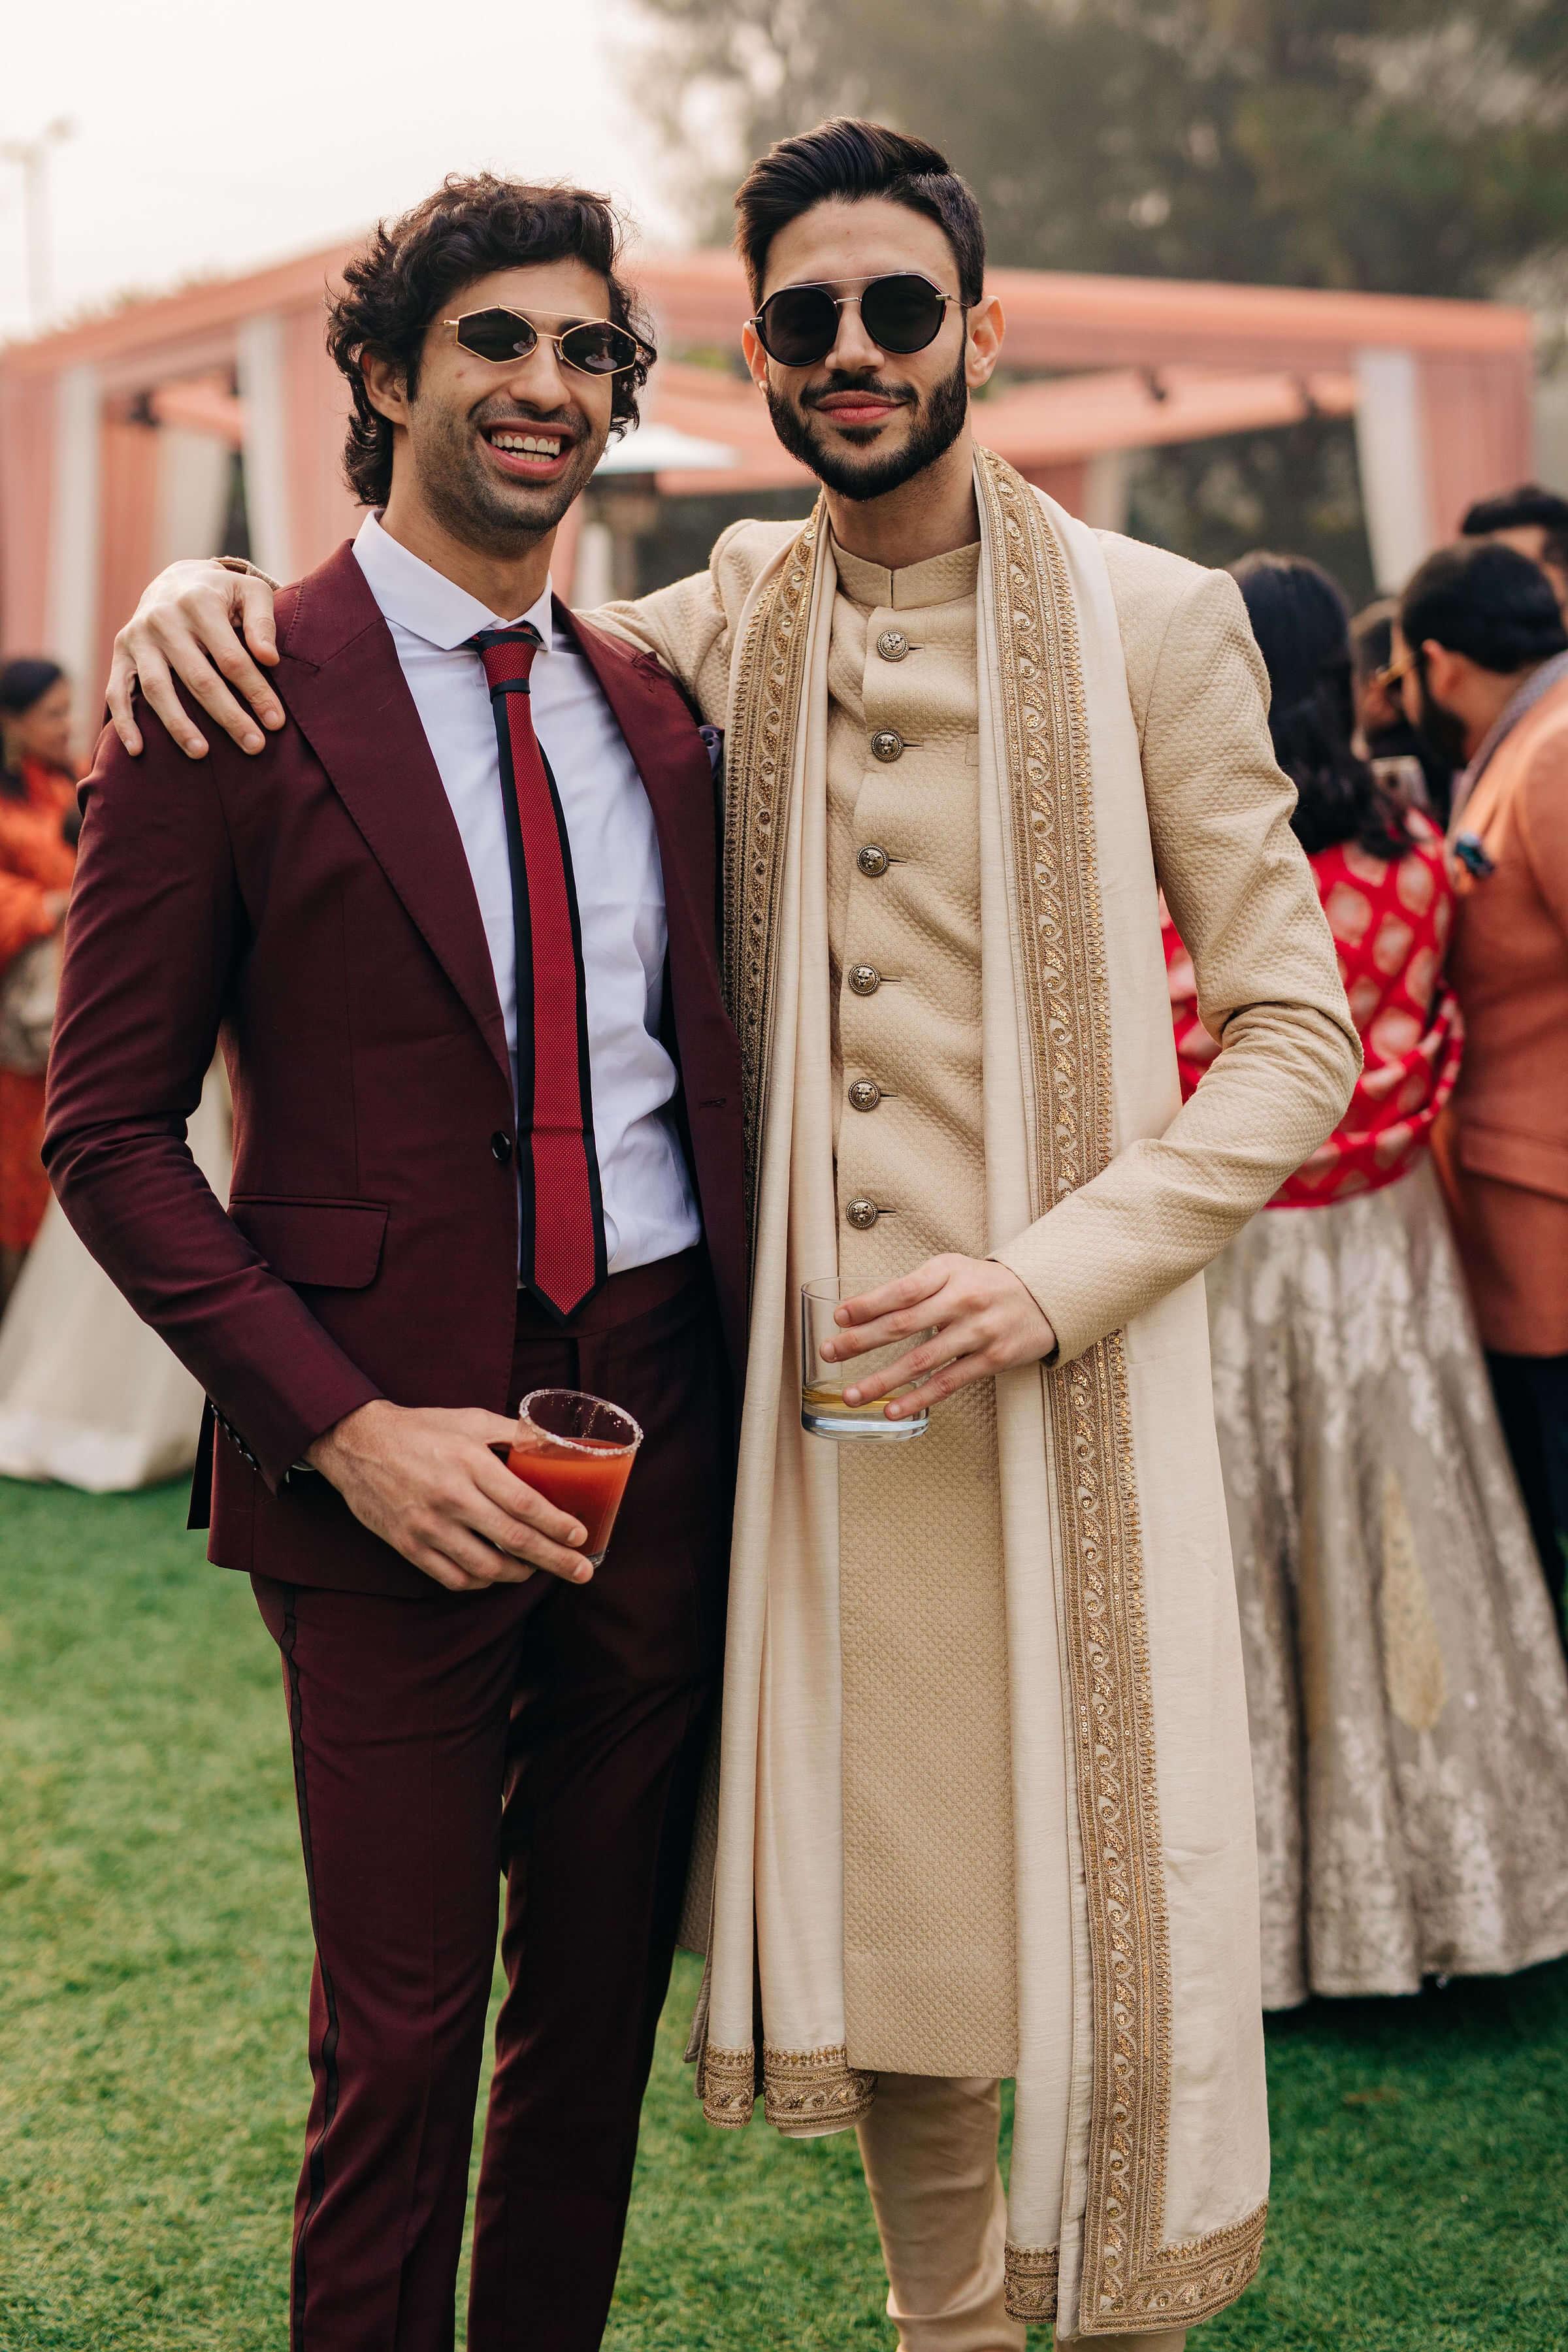 groom & his friend